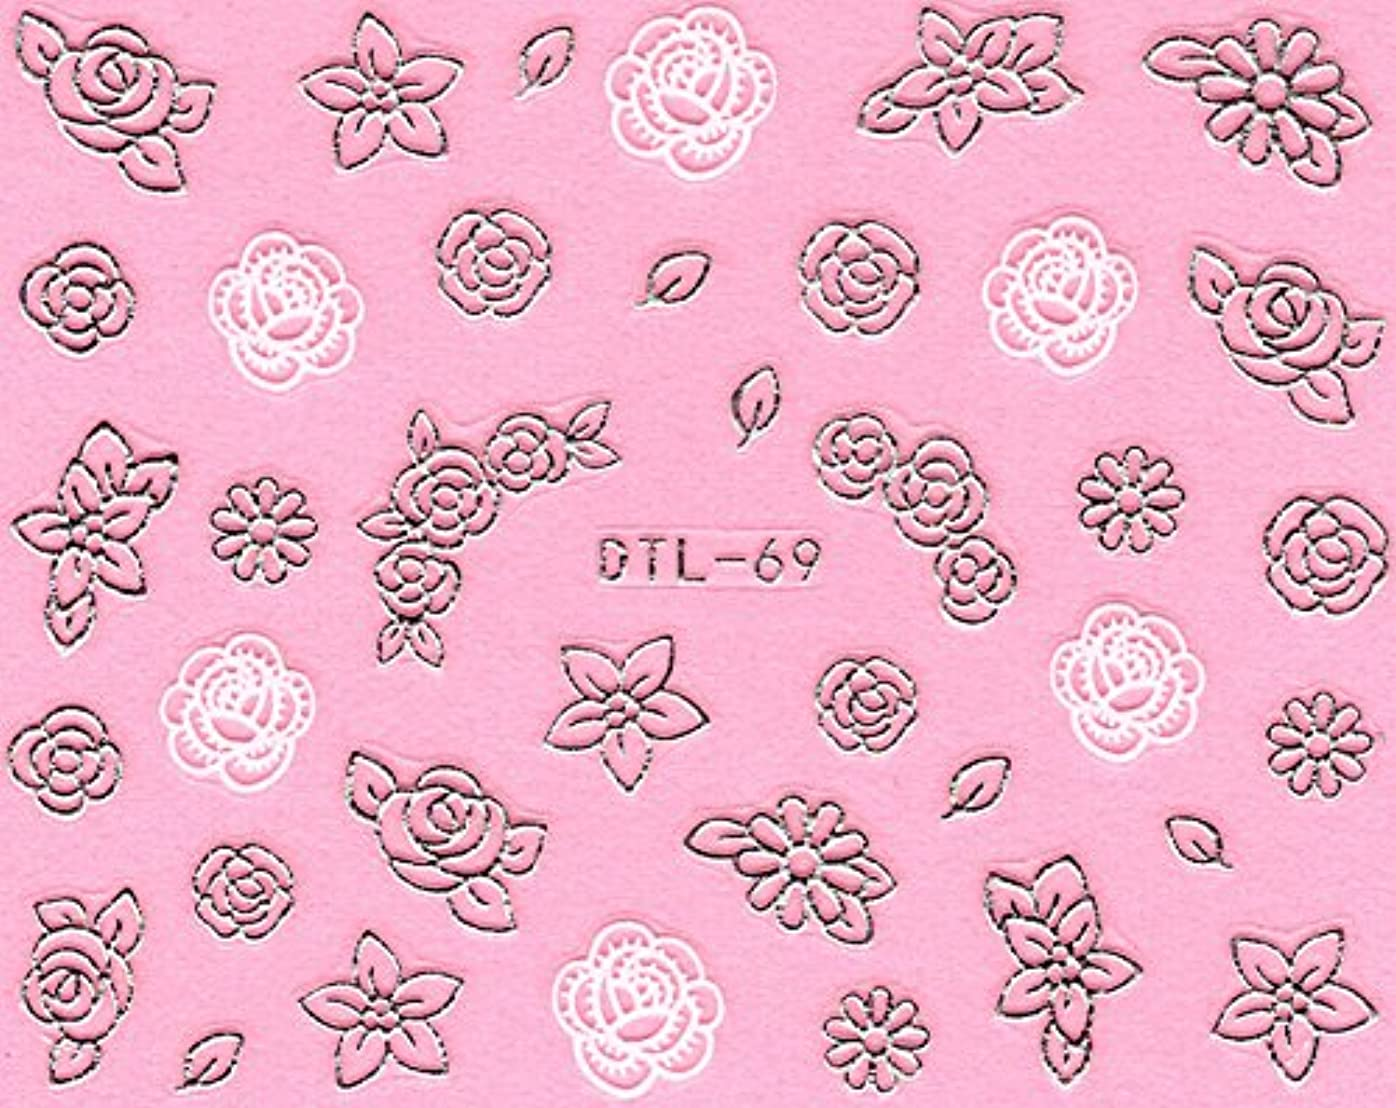 メダリスト先駆者痴漢ネイルシール メタルパーツ風 ネイティブ柄 選べる24種 (MSP15(シルバー))